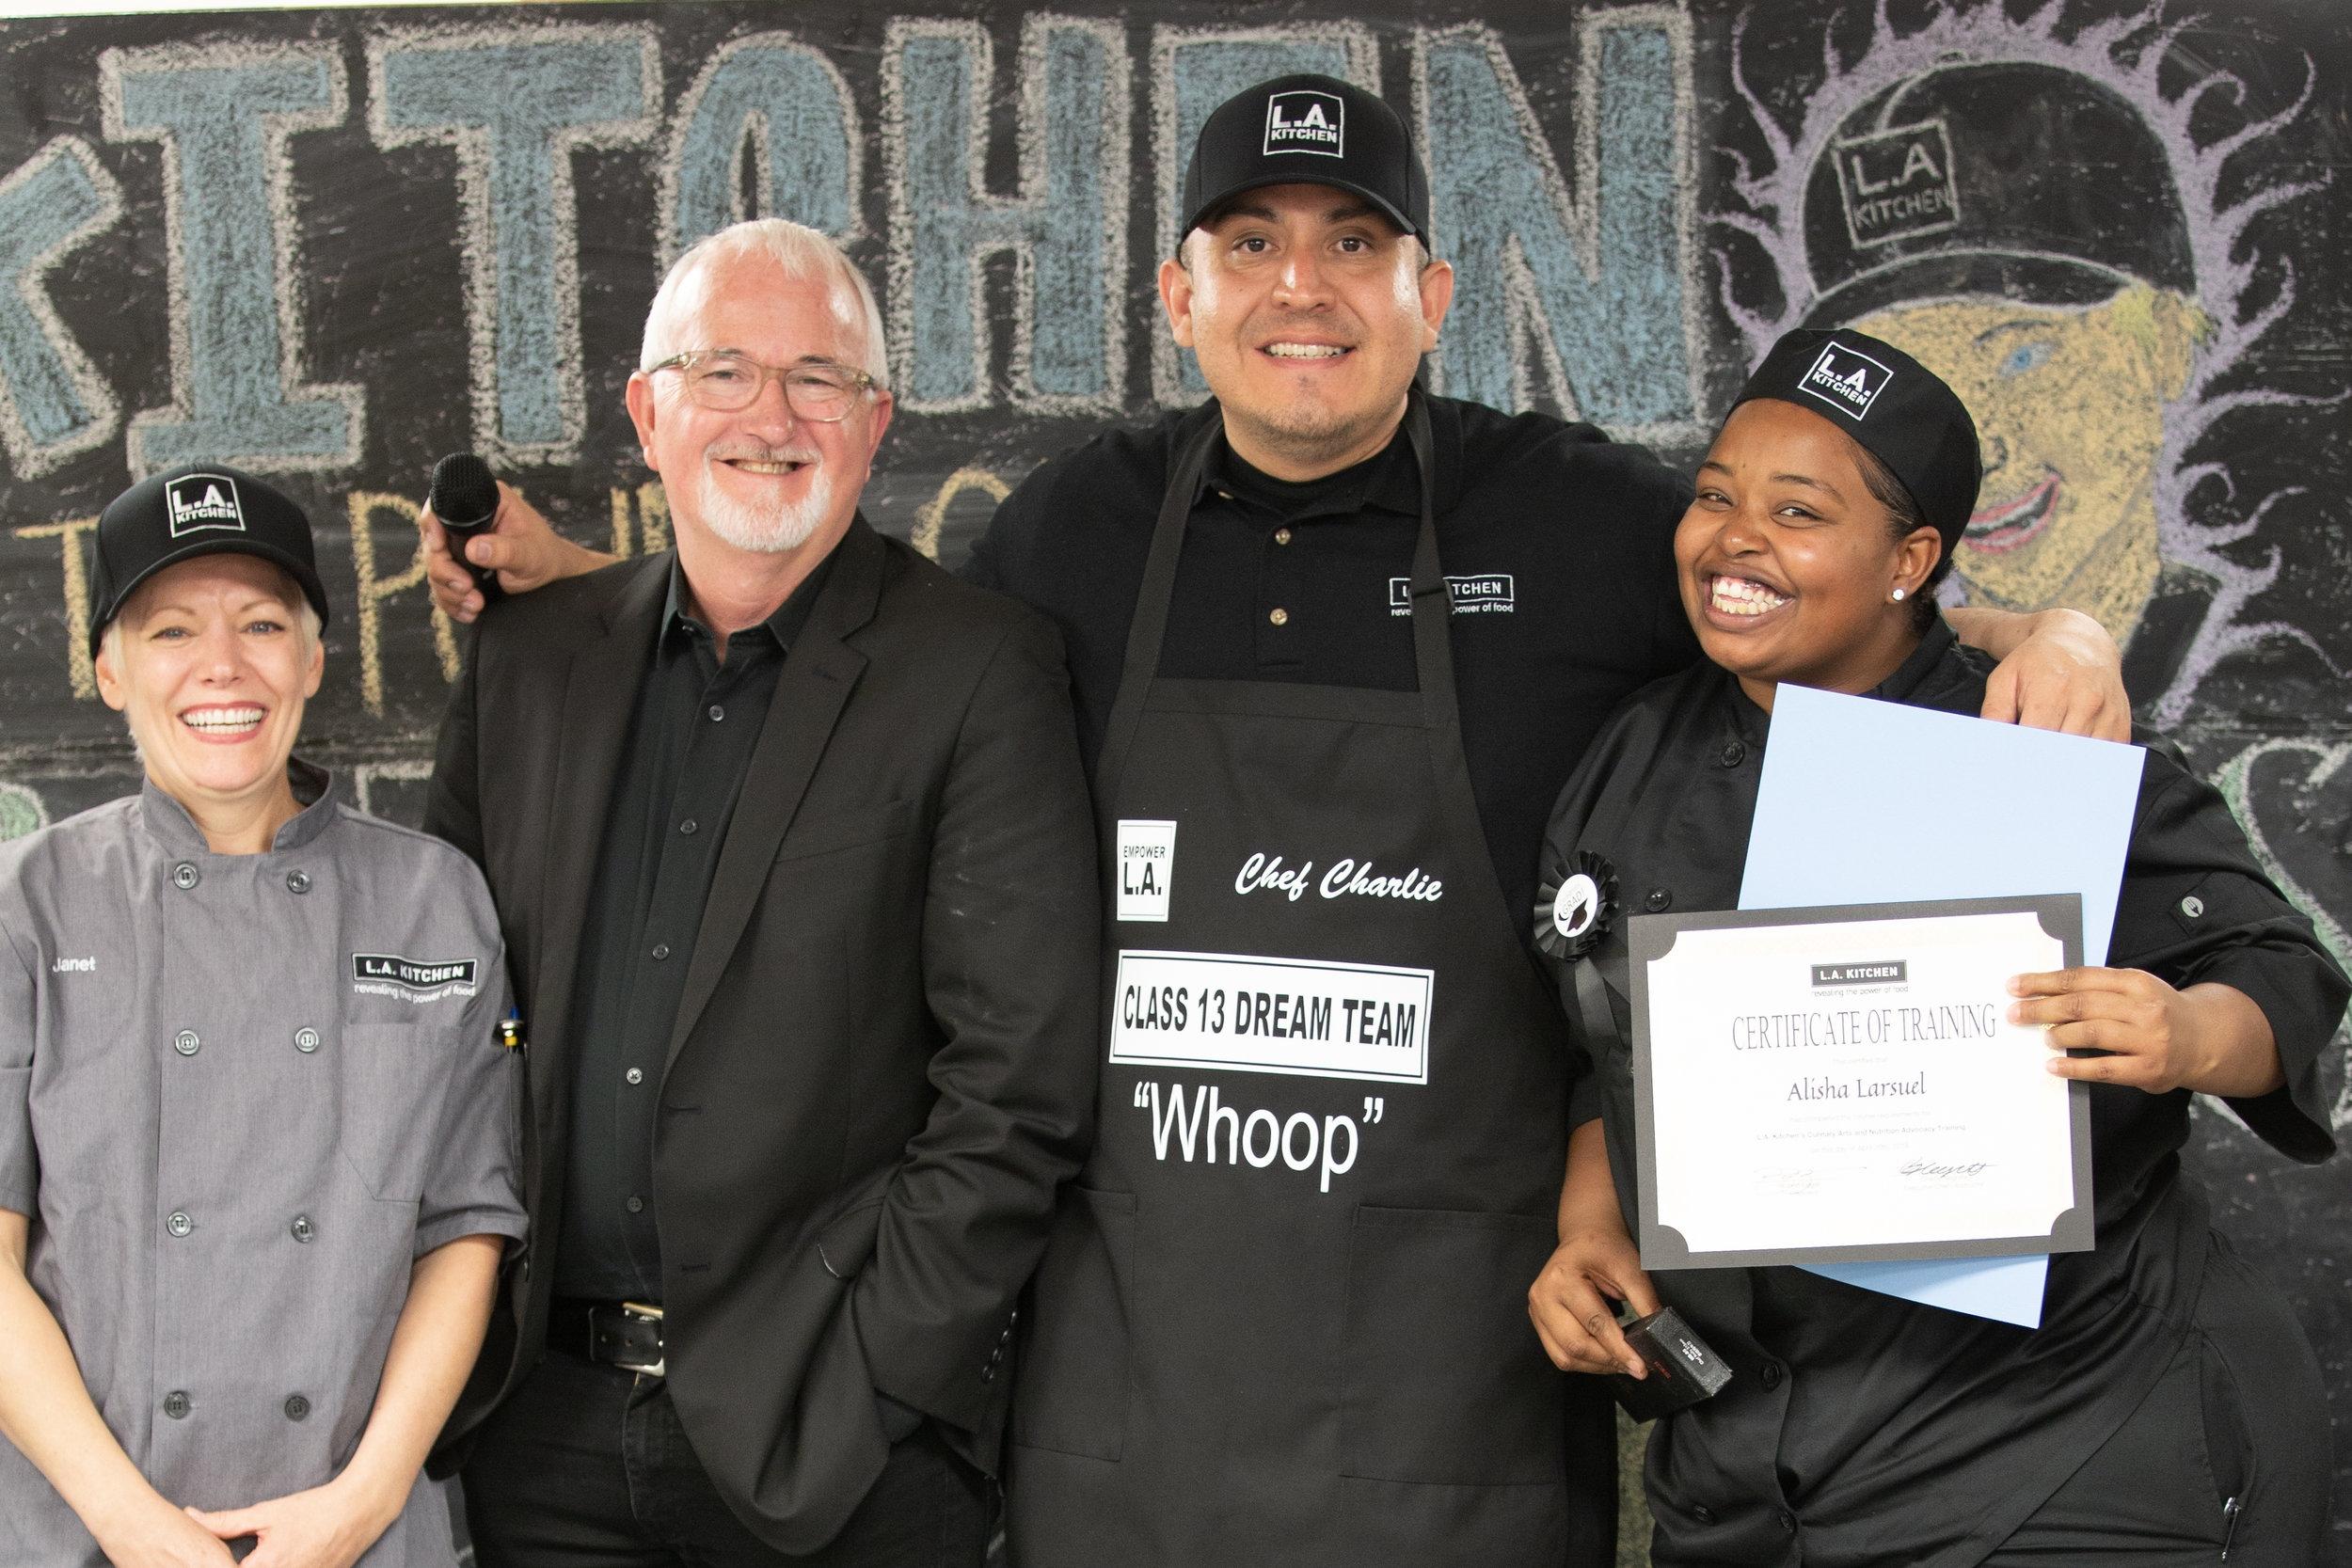 LA Kitchen Culinary School Graduate, Megan Witt